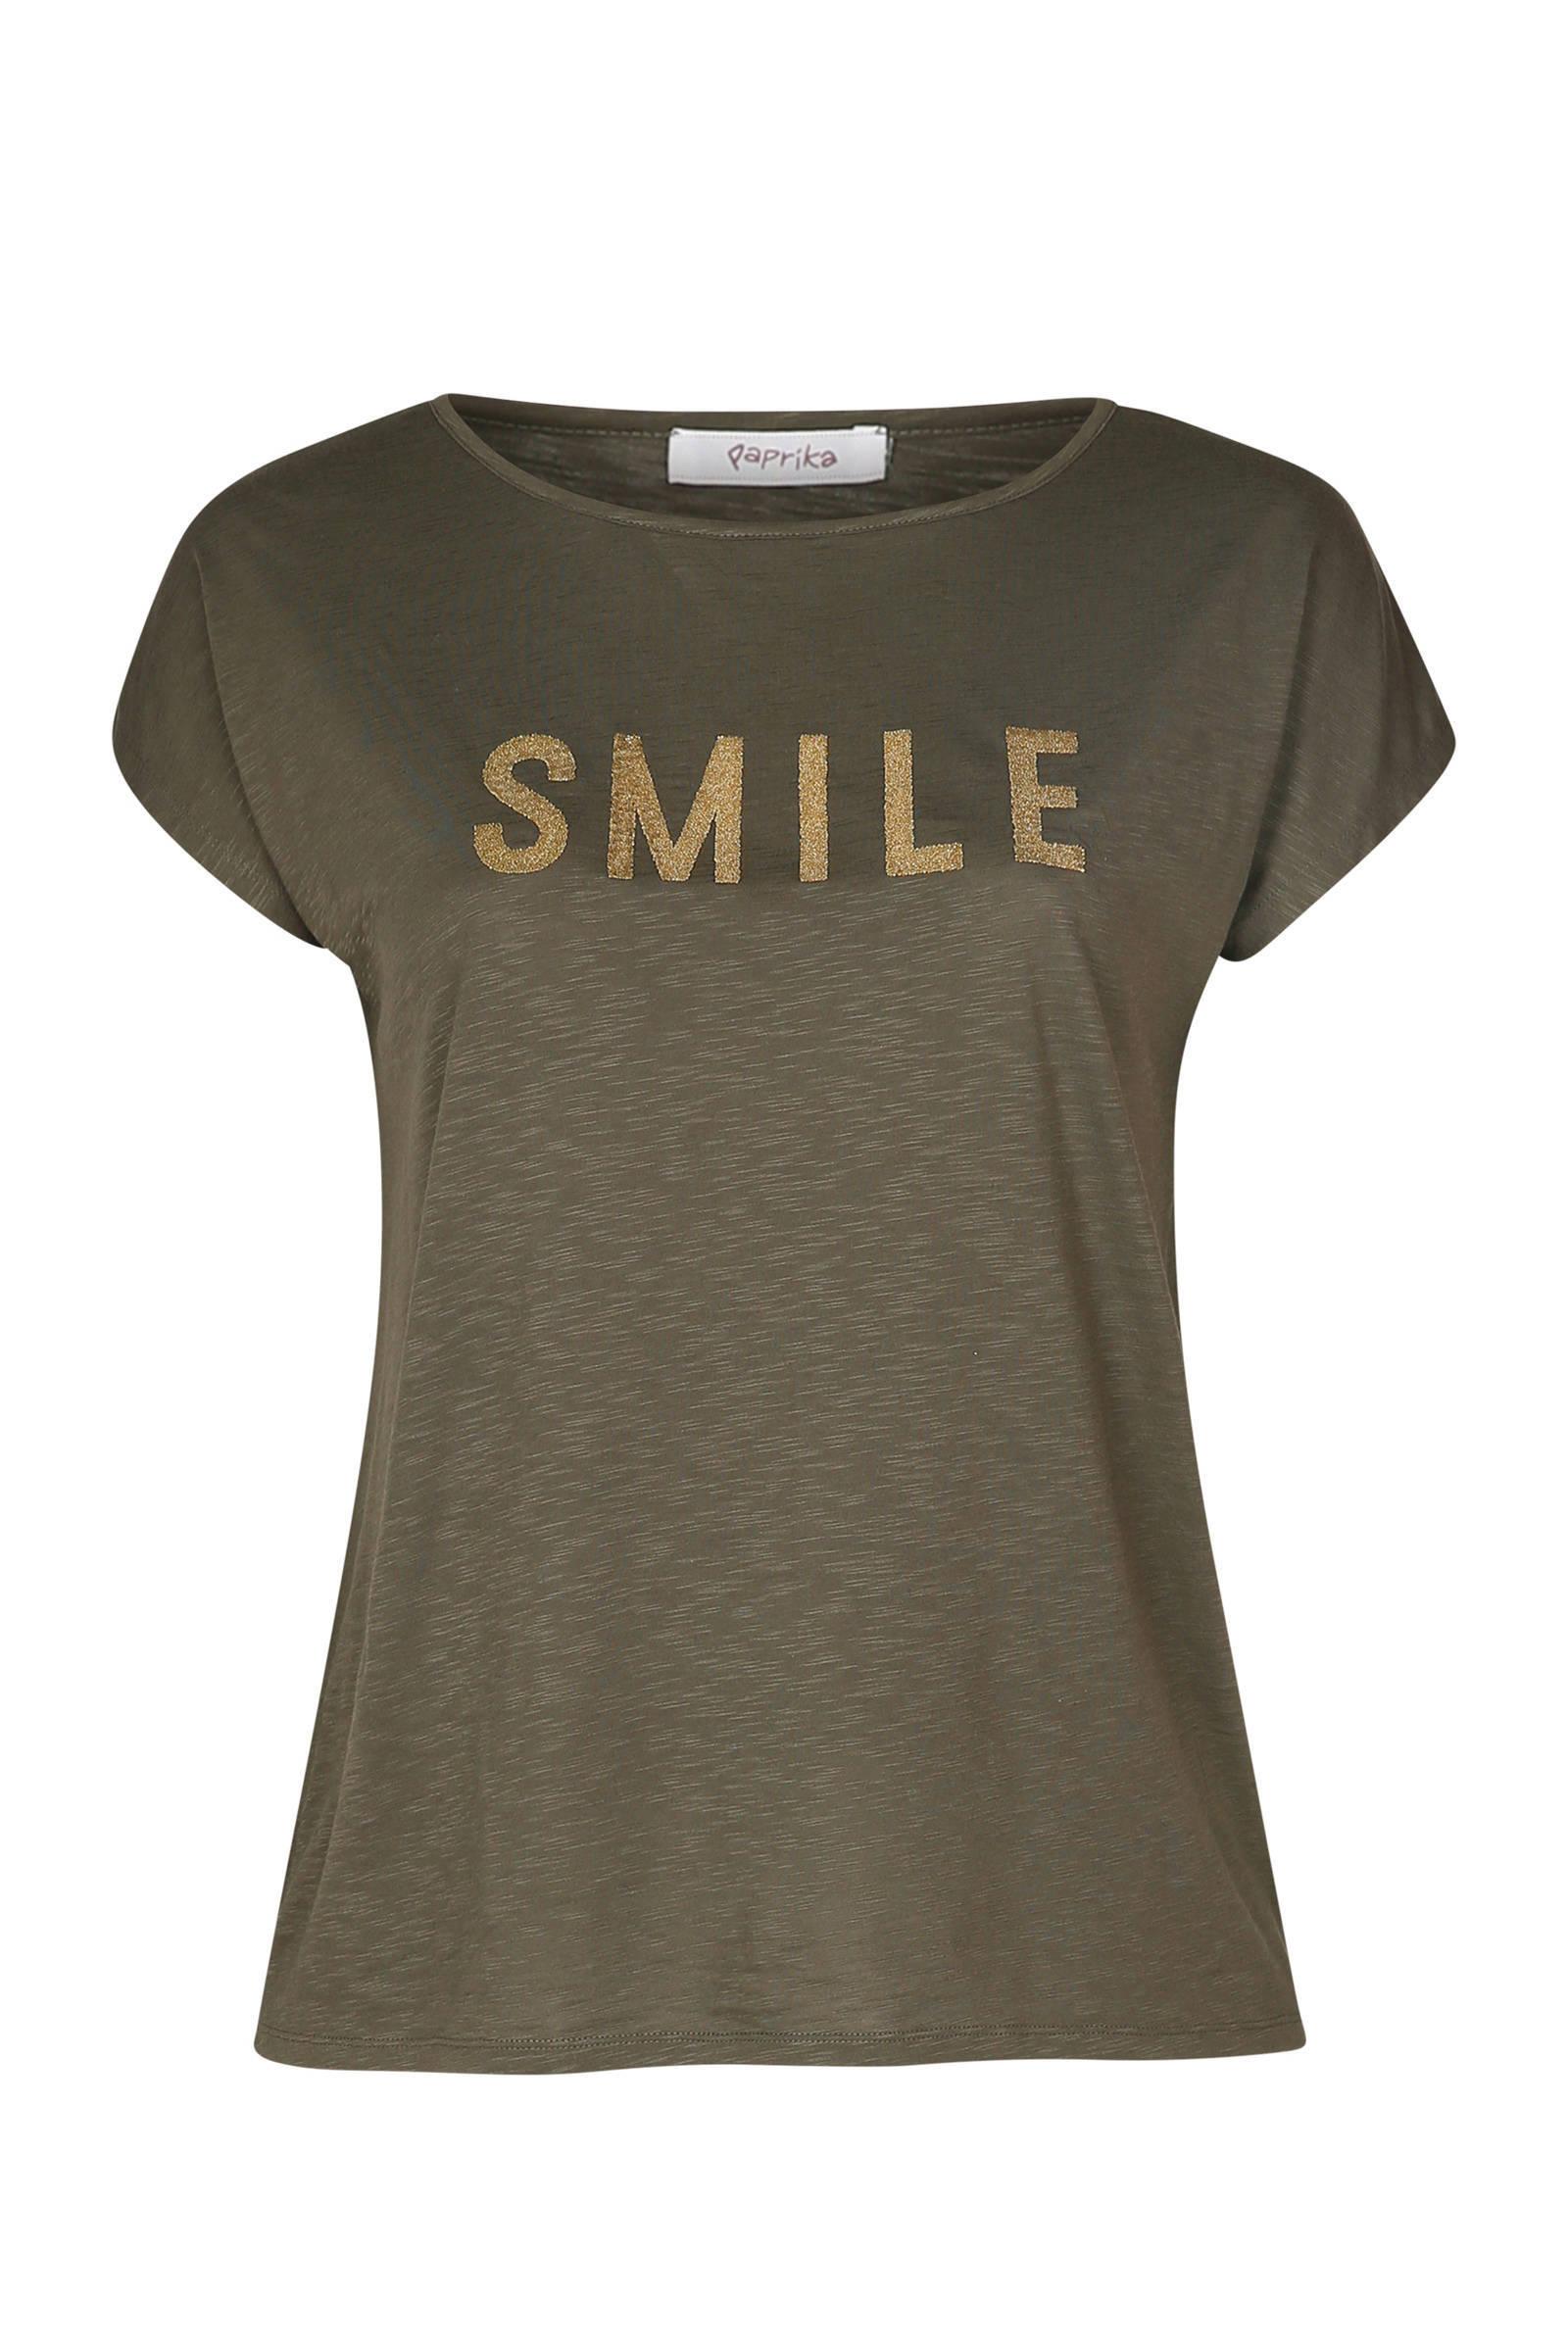 Dames Dames Kersjes Met Shirt Kersjes Kersjes Met Shirt Dames Met Shirt 0UP5ZPxq